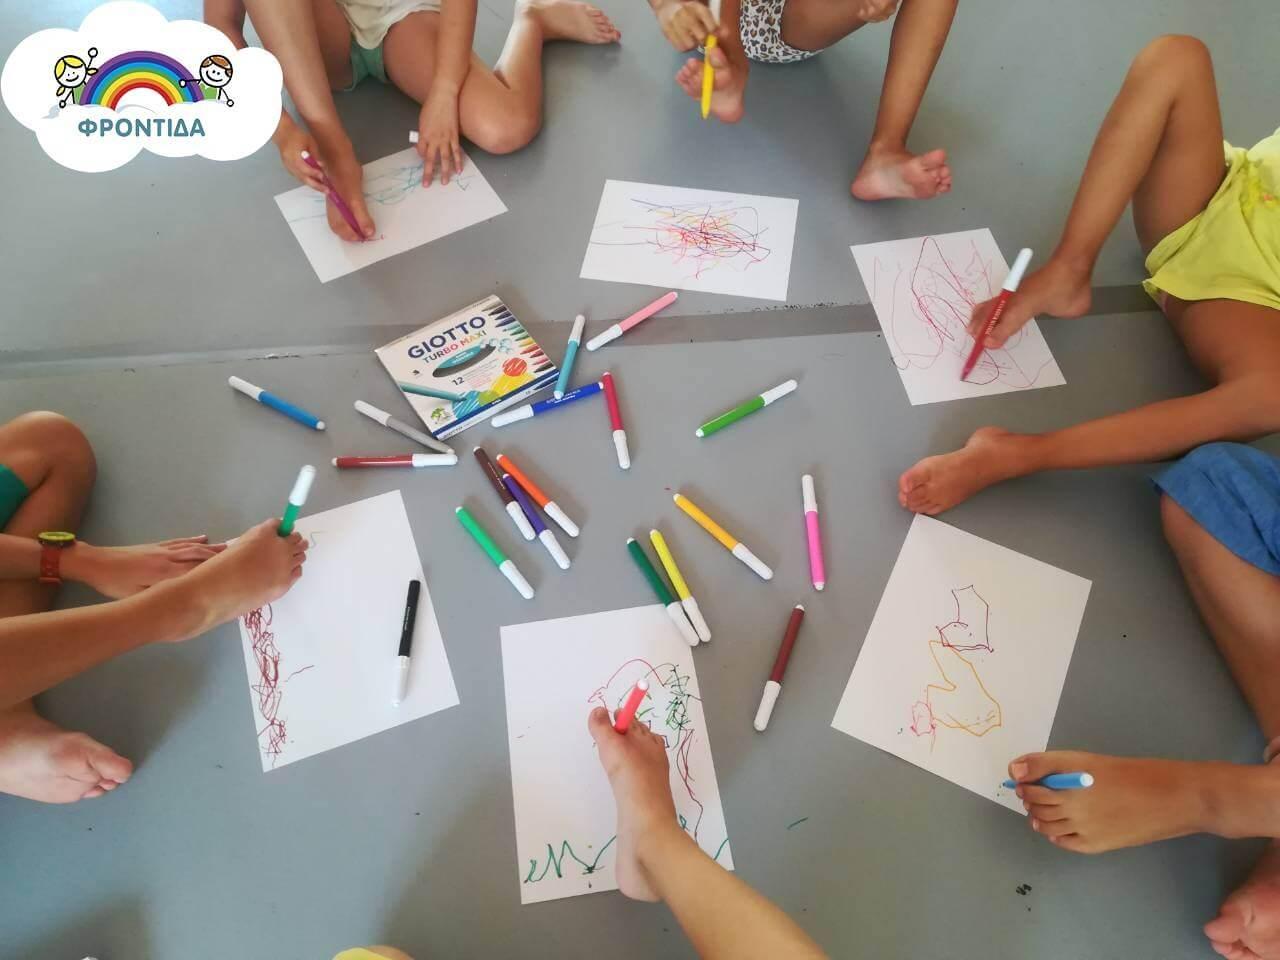 παιδιά ζωγραφίζουν με τα πόδια, χρώματα μαρκαδόροι | YouBeHero